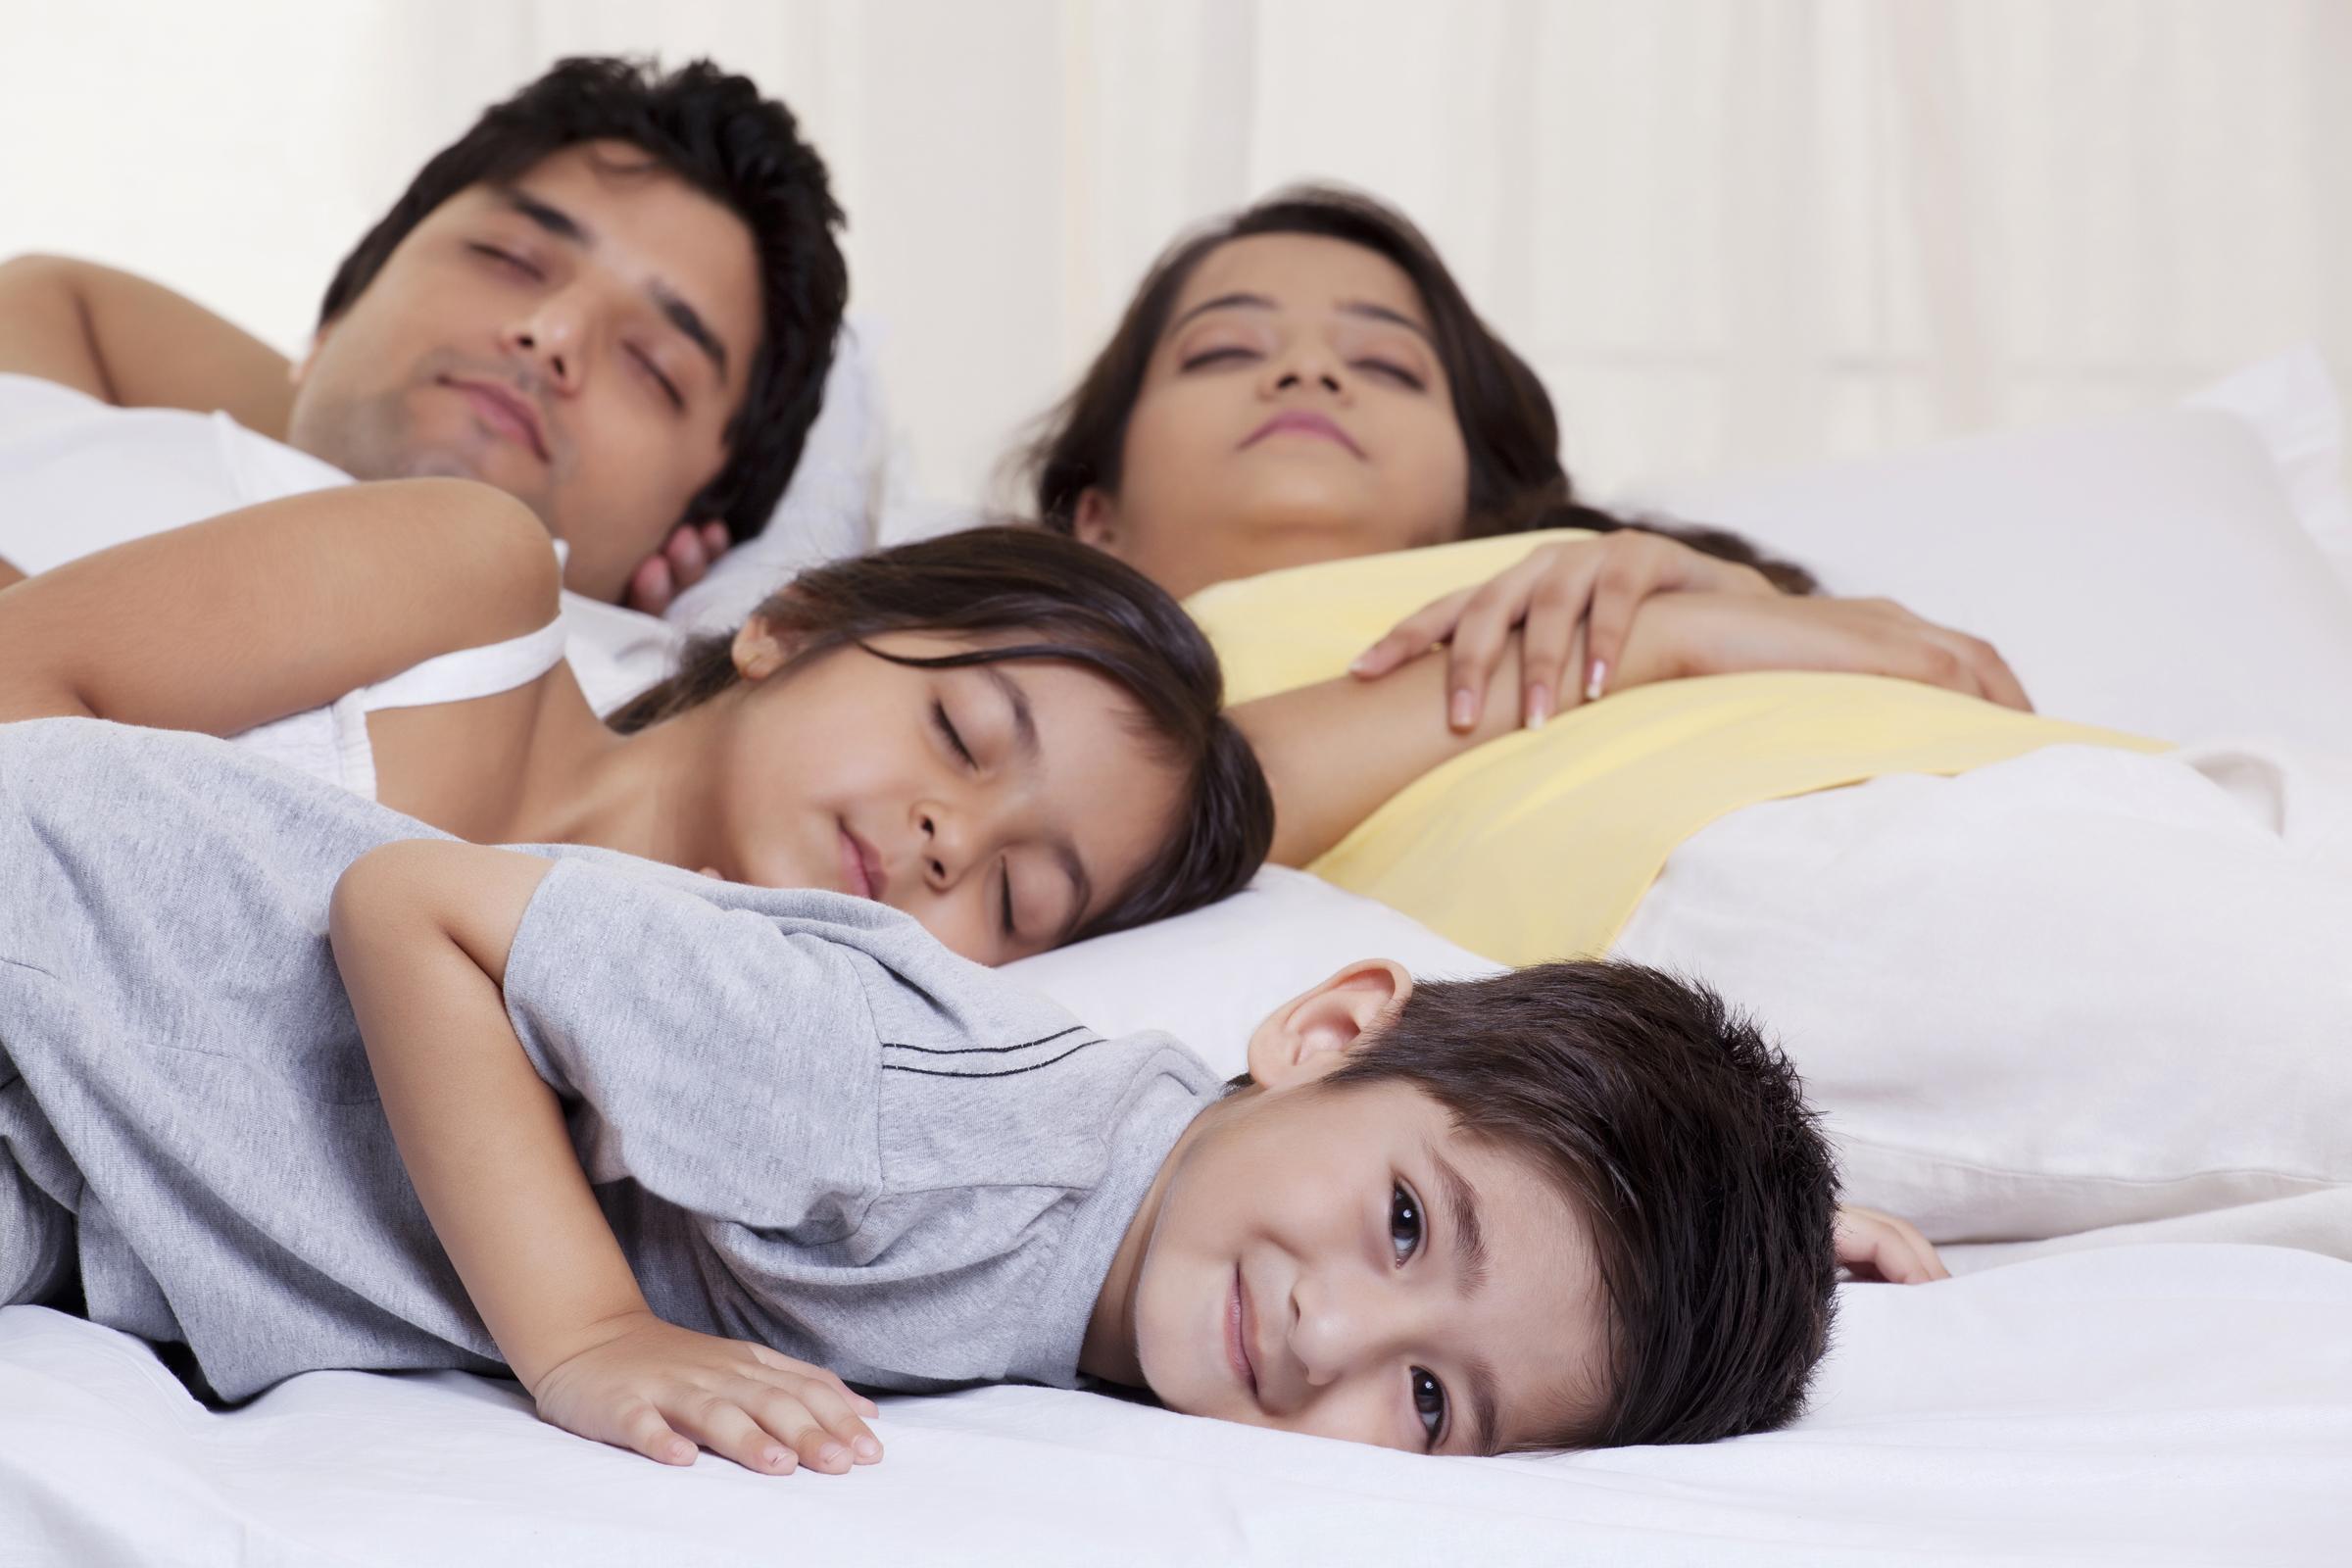 indiai szülők randi